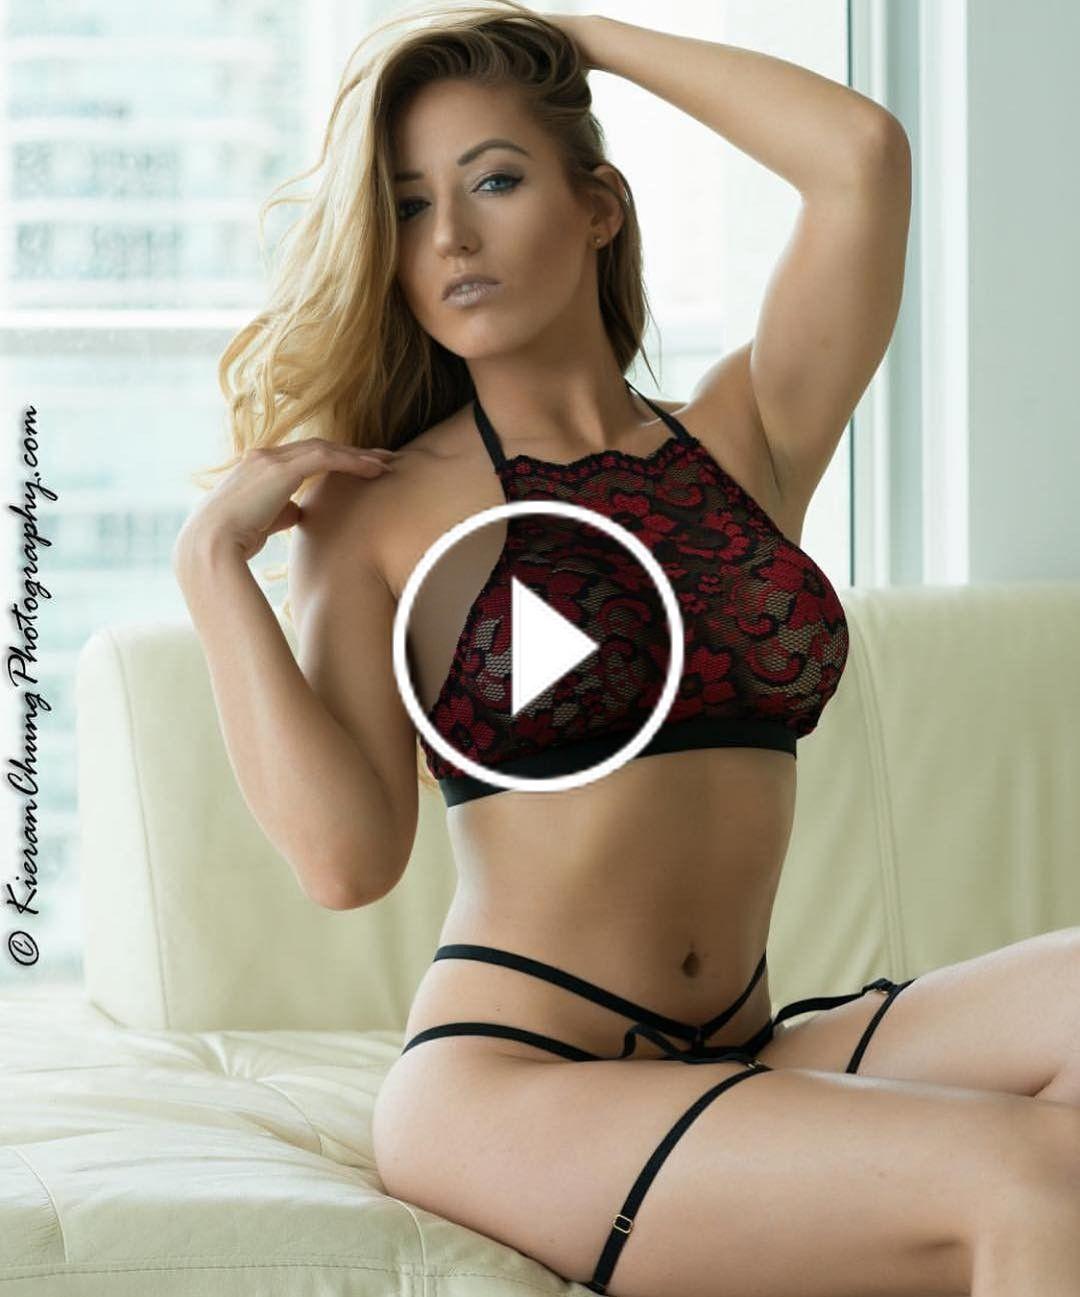 Hottie nude model video